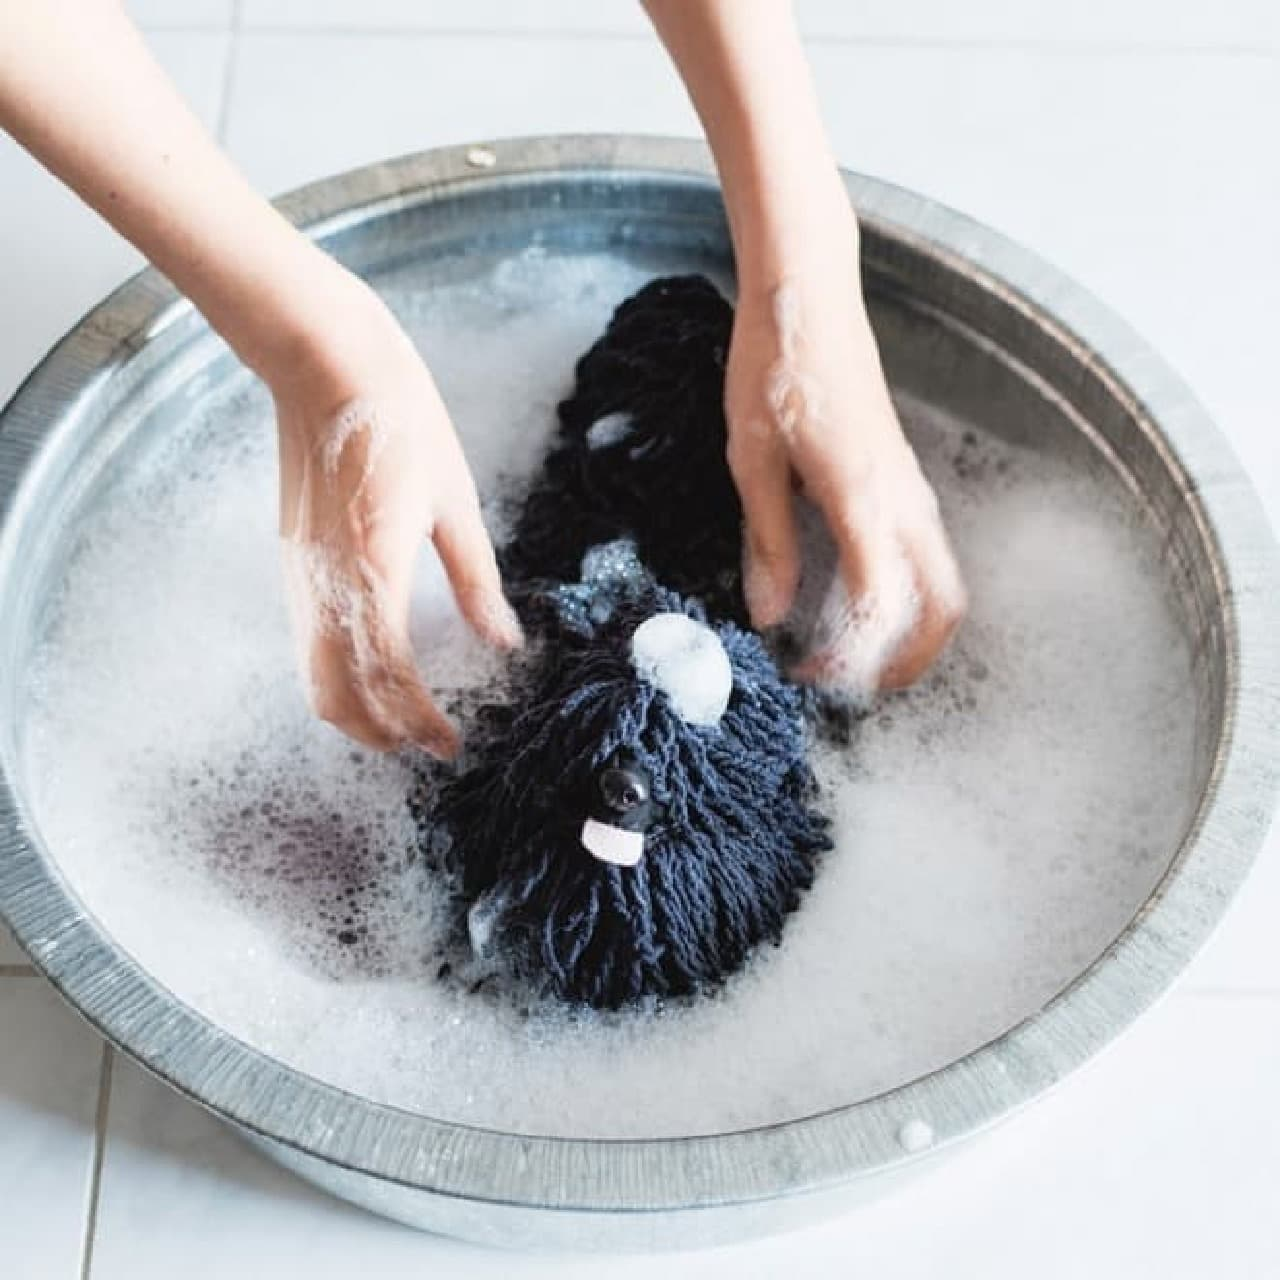 モップ犬部分は、優しく手洗いしてあげましょう!